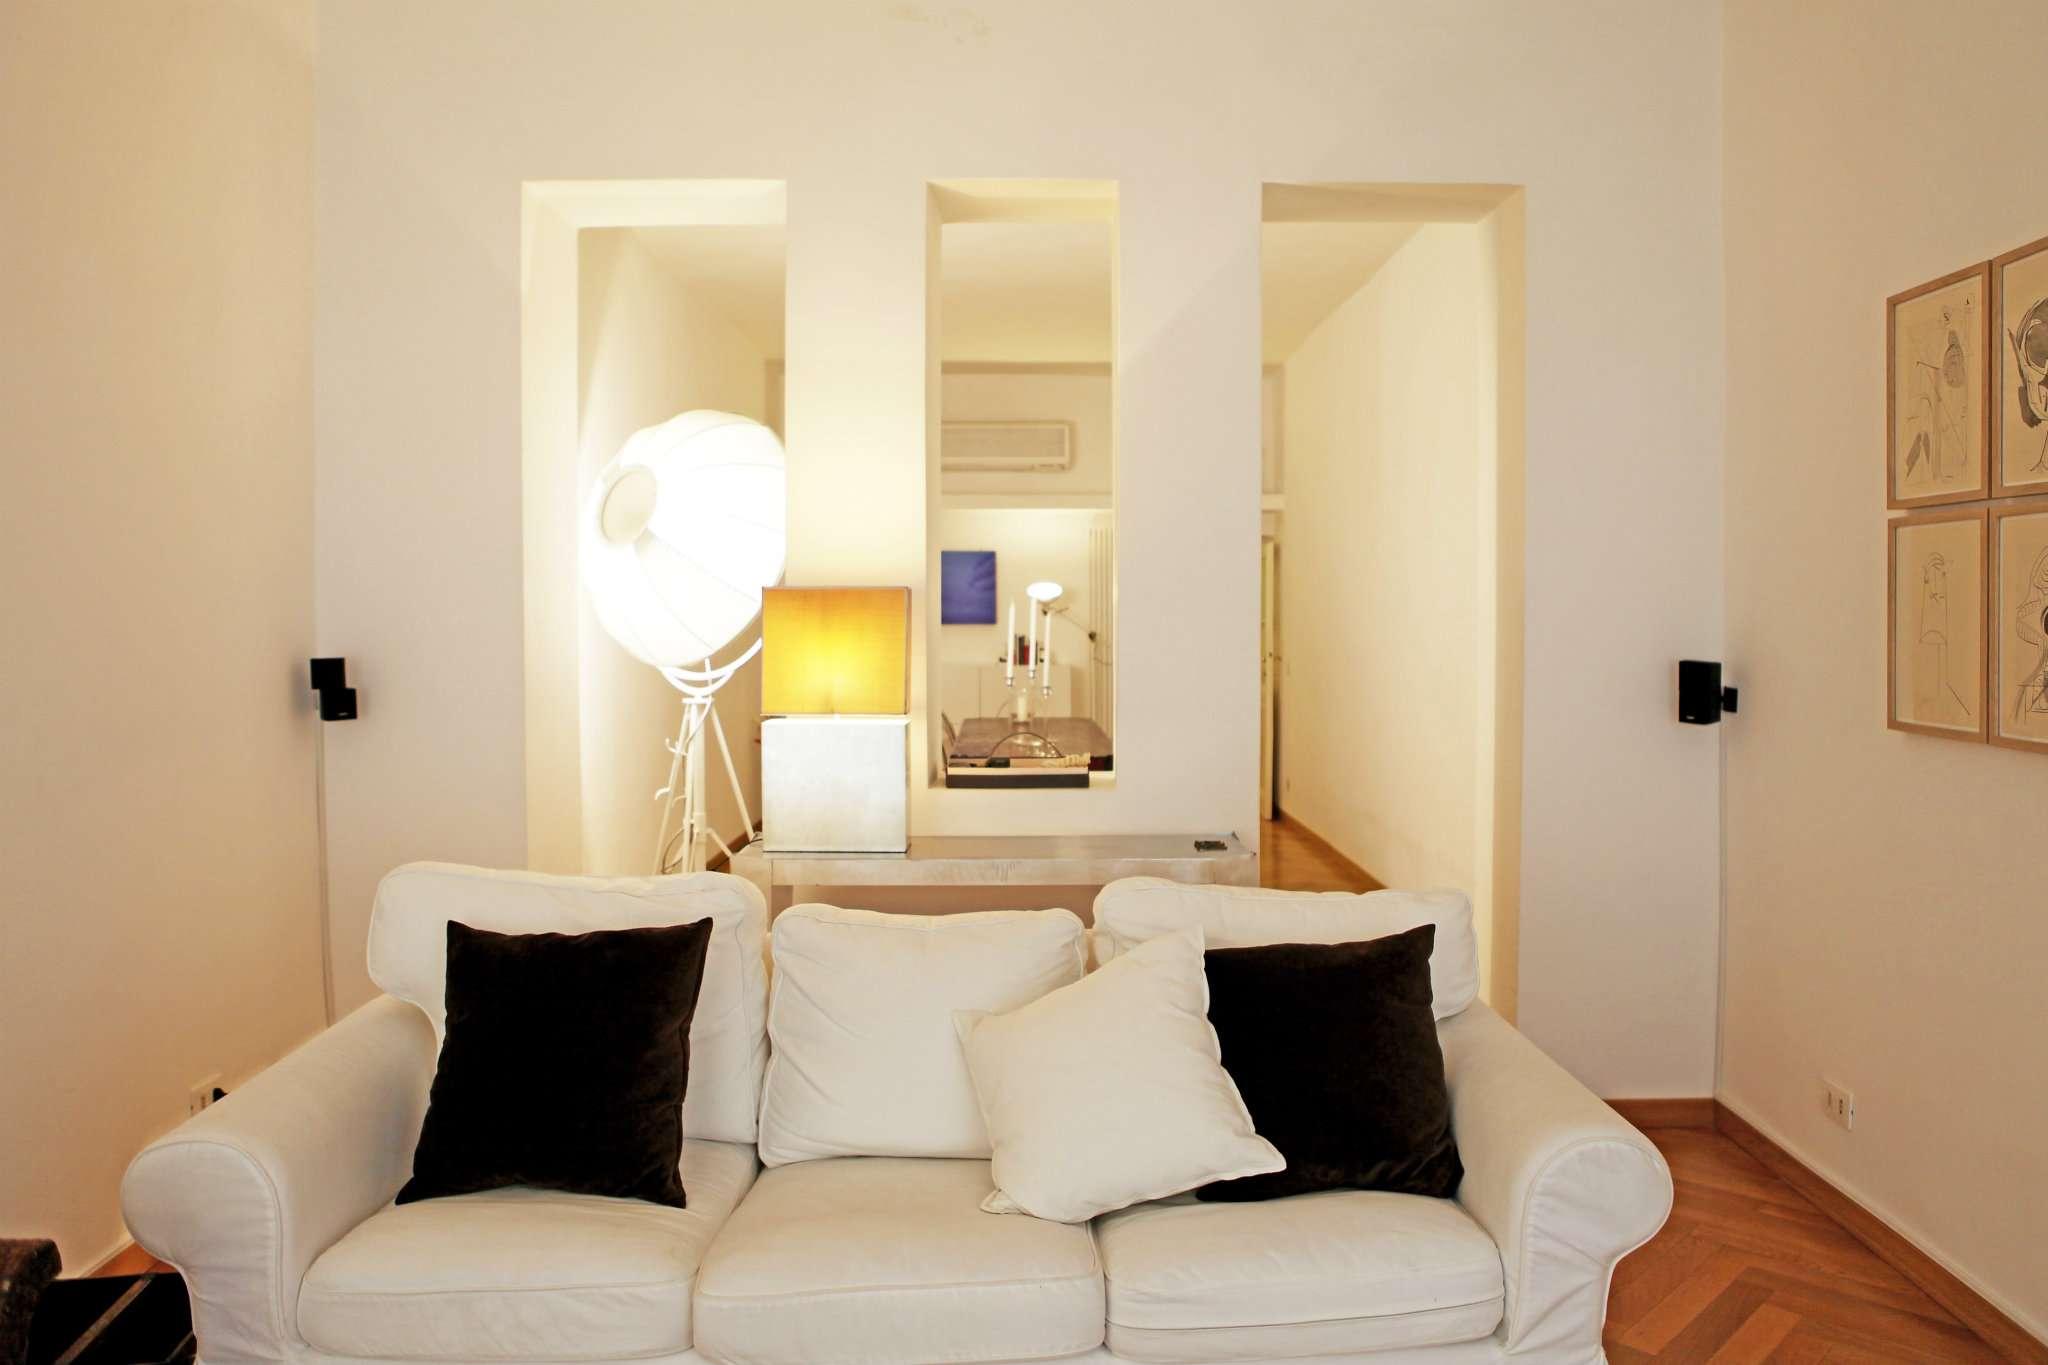 Appartamento in affitto a Roma, 5 locali, zona Zona: 1 . Centro storico, prezzo € 2.300   Cambio Casa.it